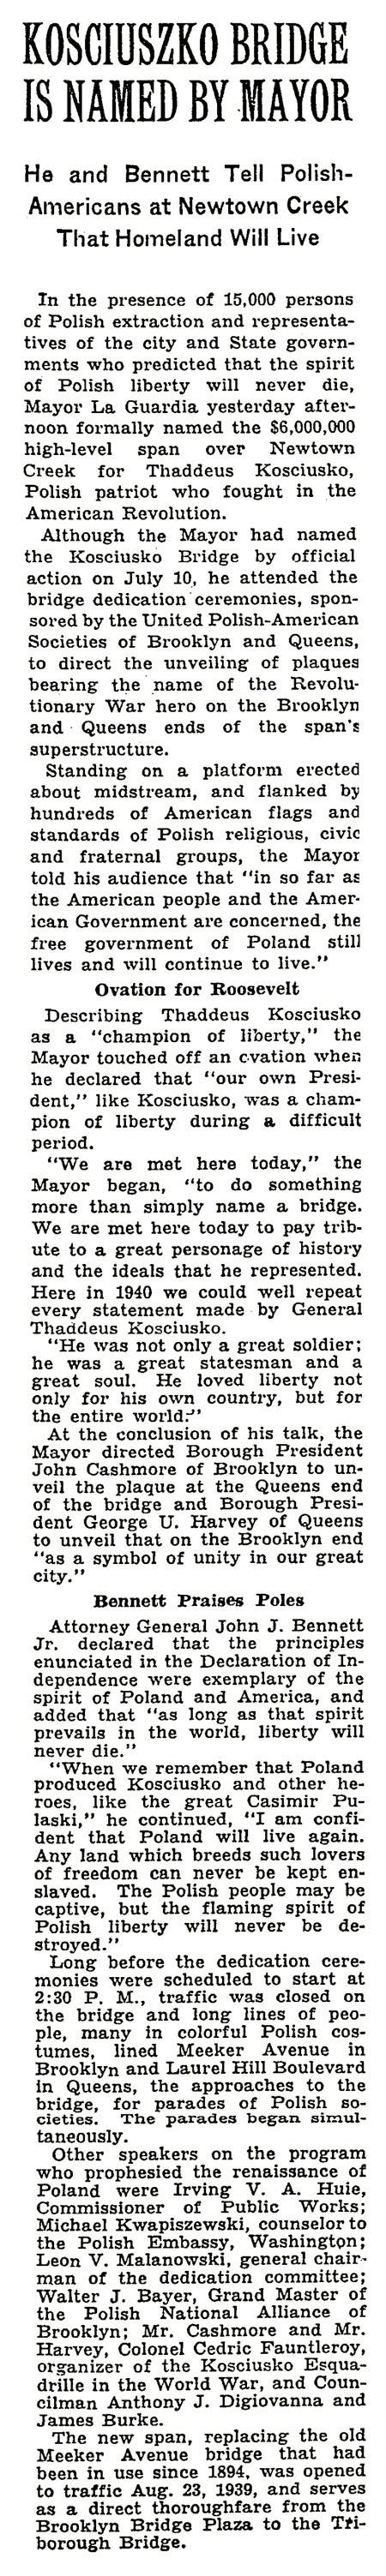 9/23/1940 NYT